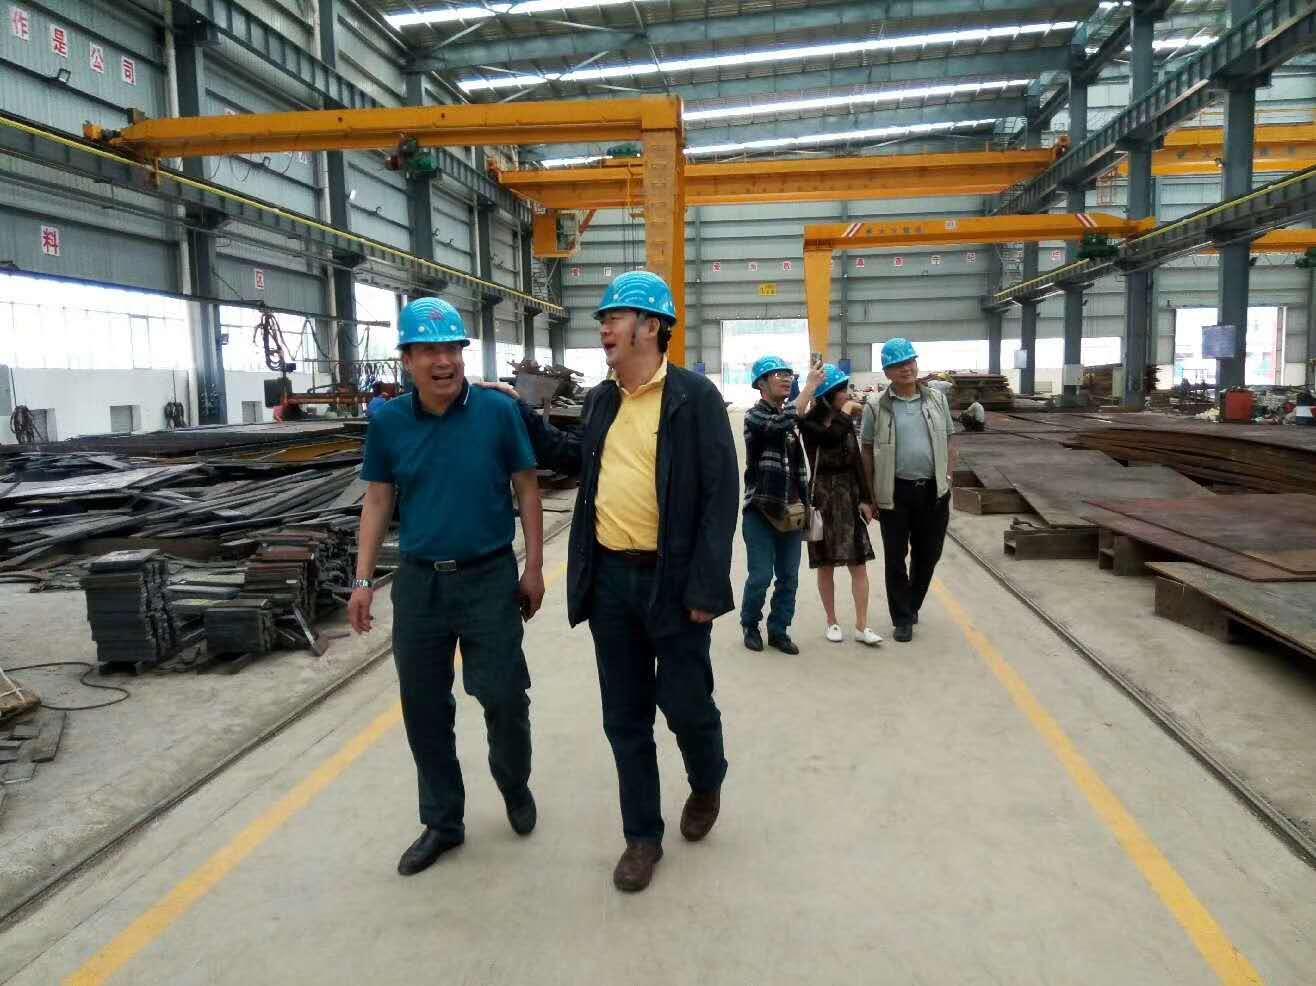 热烈欢迎昆明市第三建设公司杨总携其员工莅临易门新厂参观指导